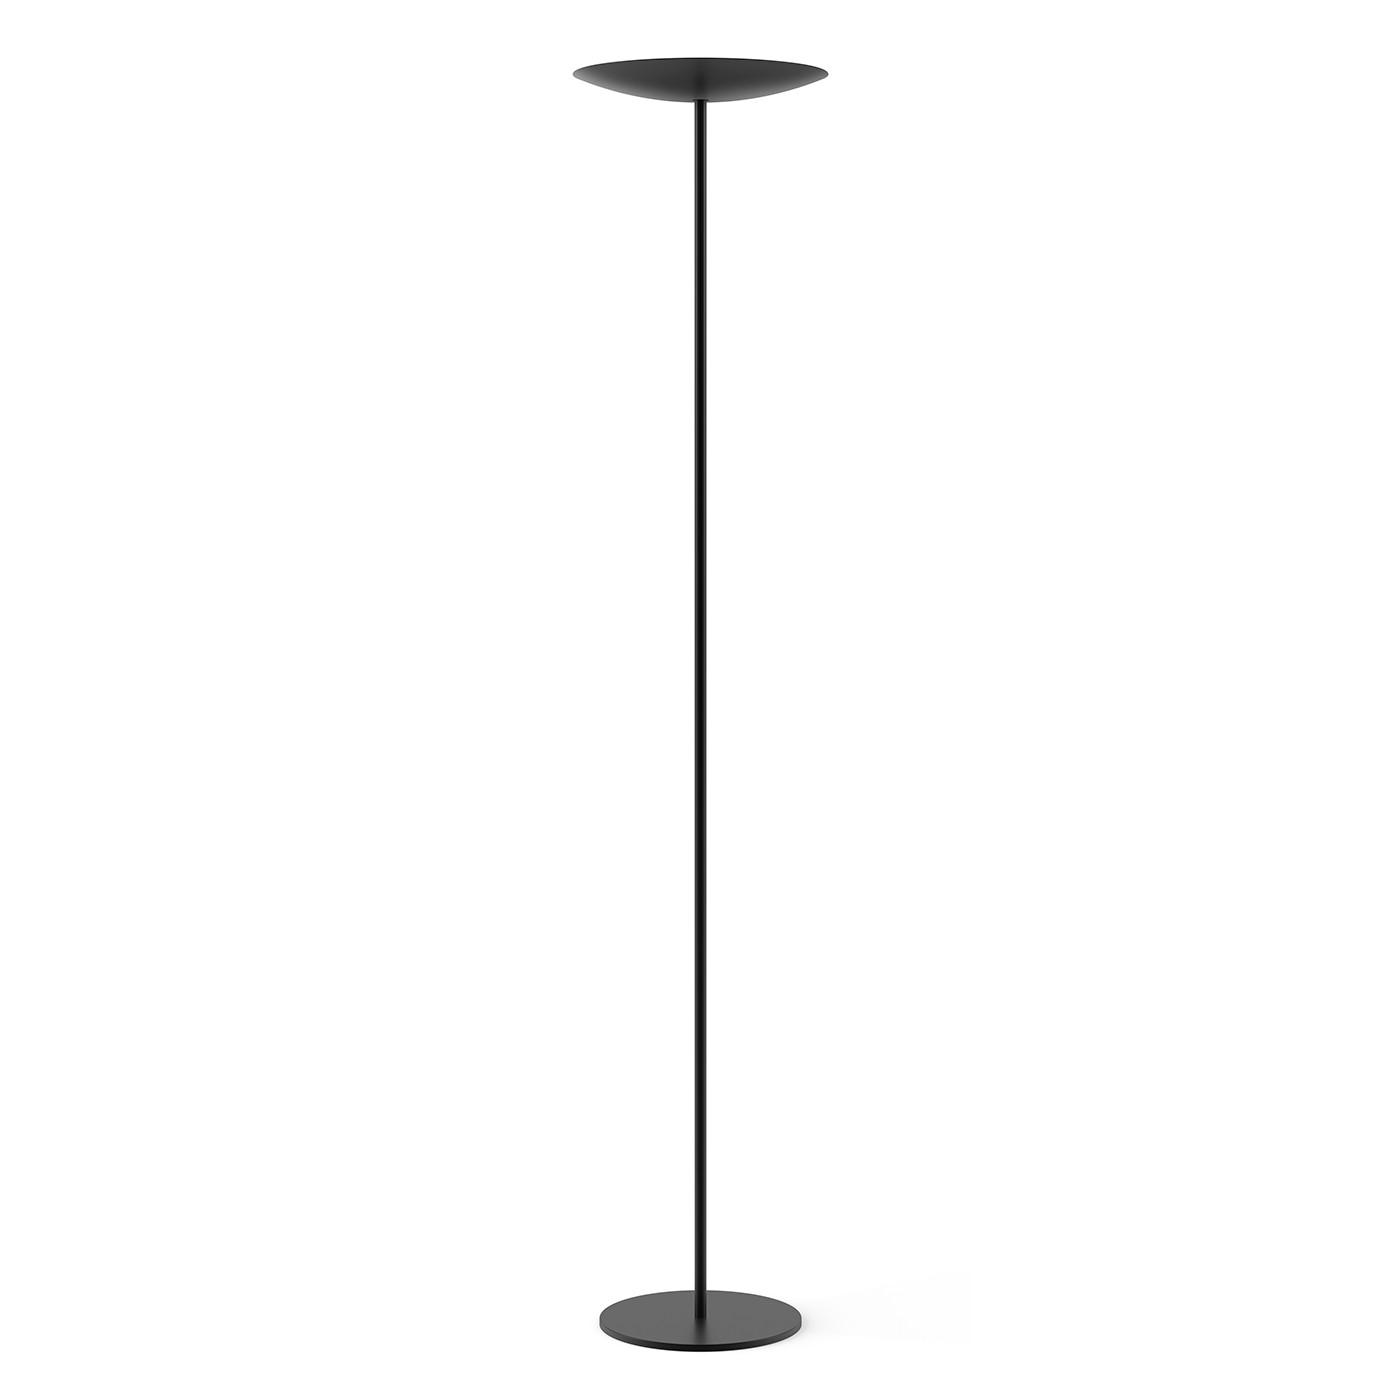 Belux Classic Floor Lamp